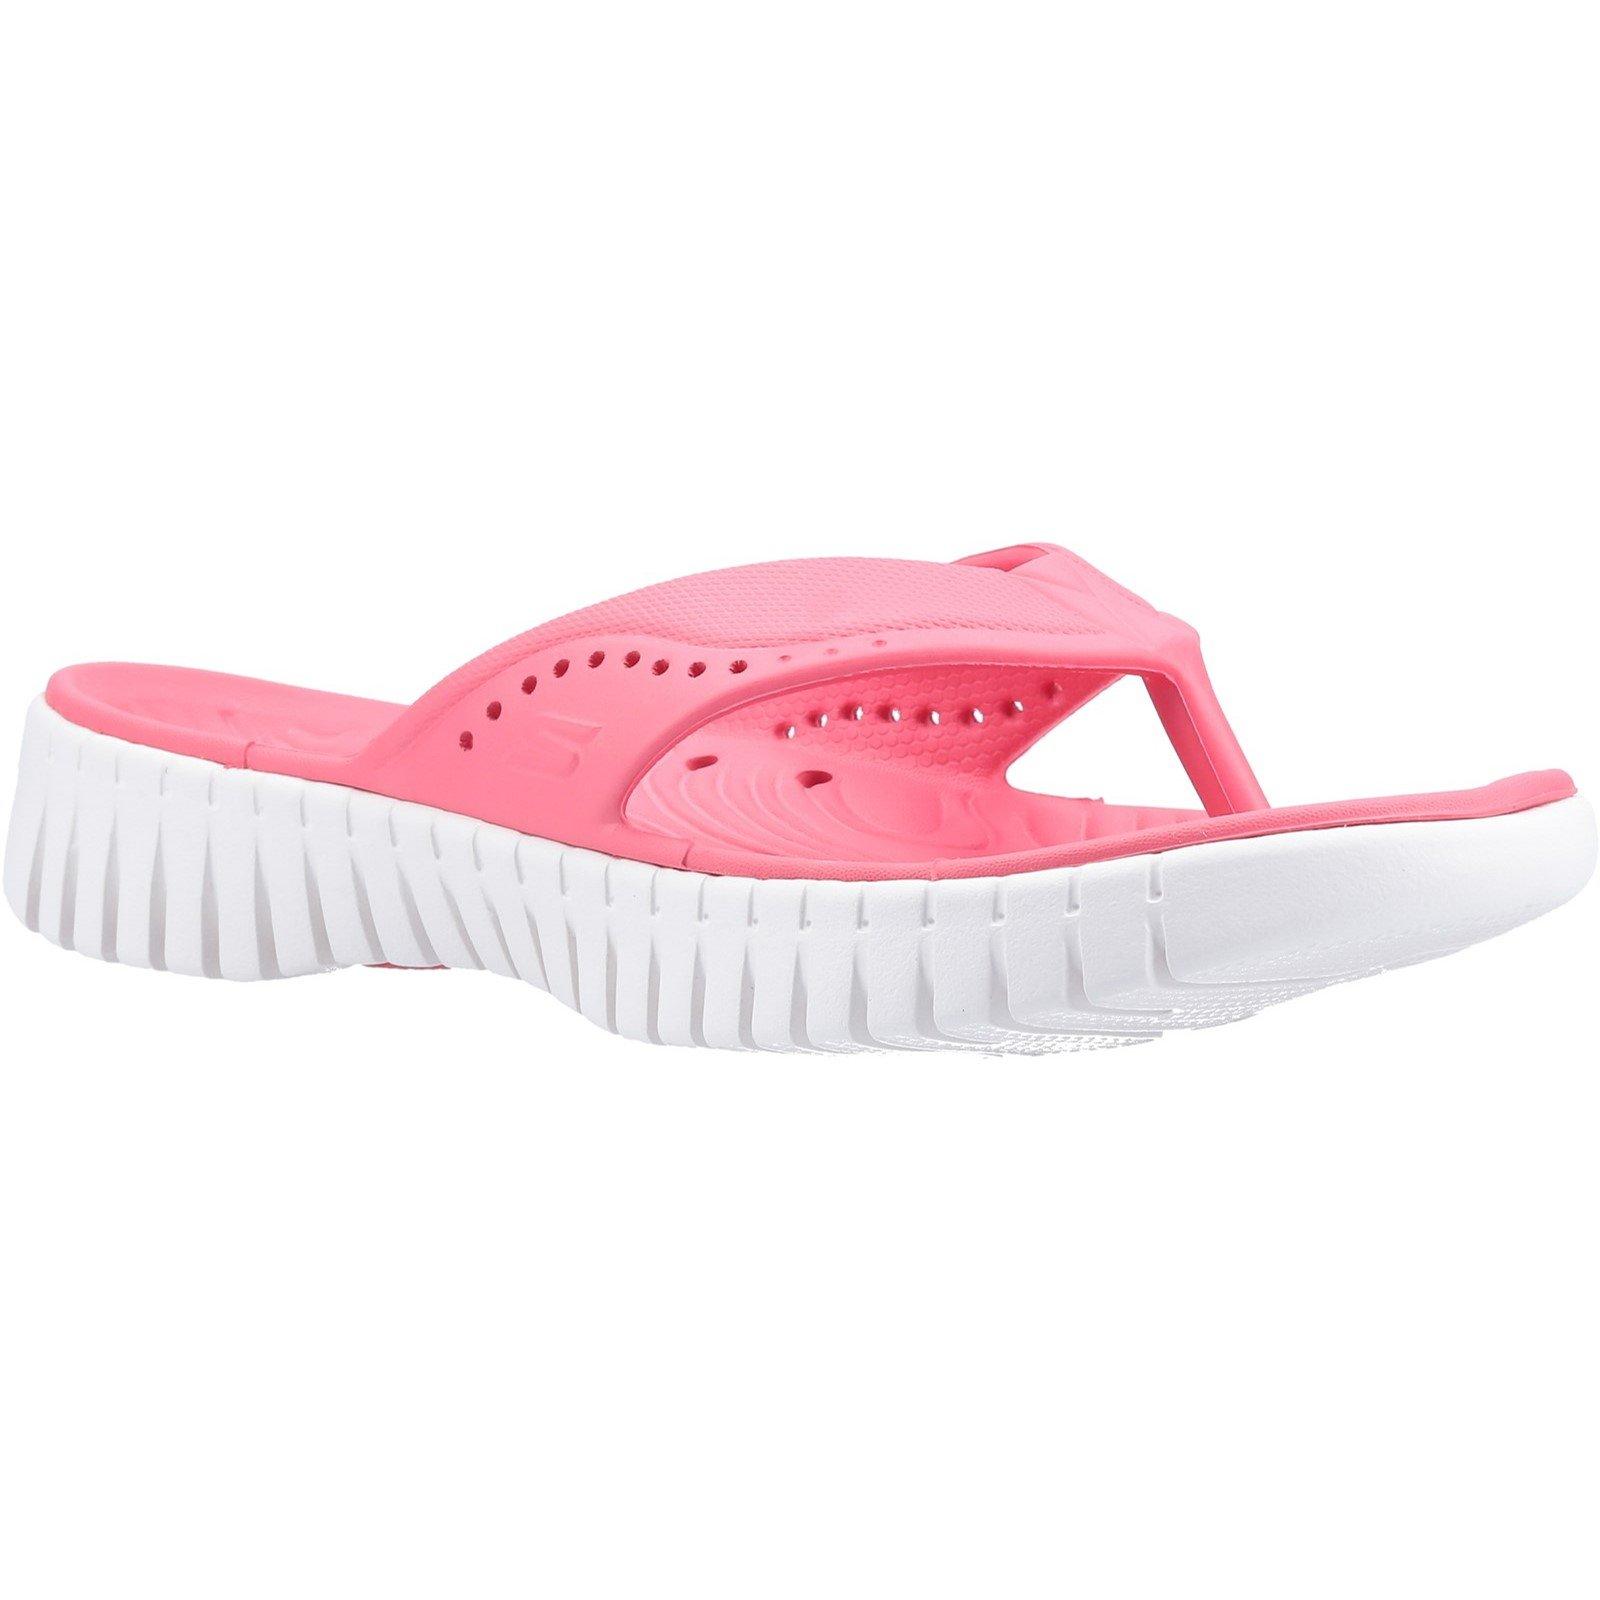 Skechers Women's GOwalk Smart Mahalo Sandal Various Colours 32371 - Coral 3